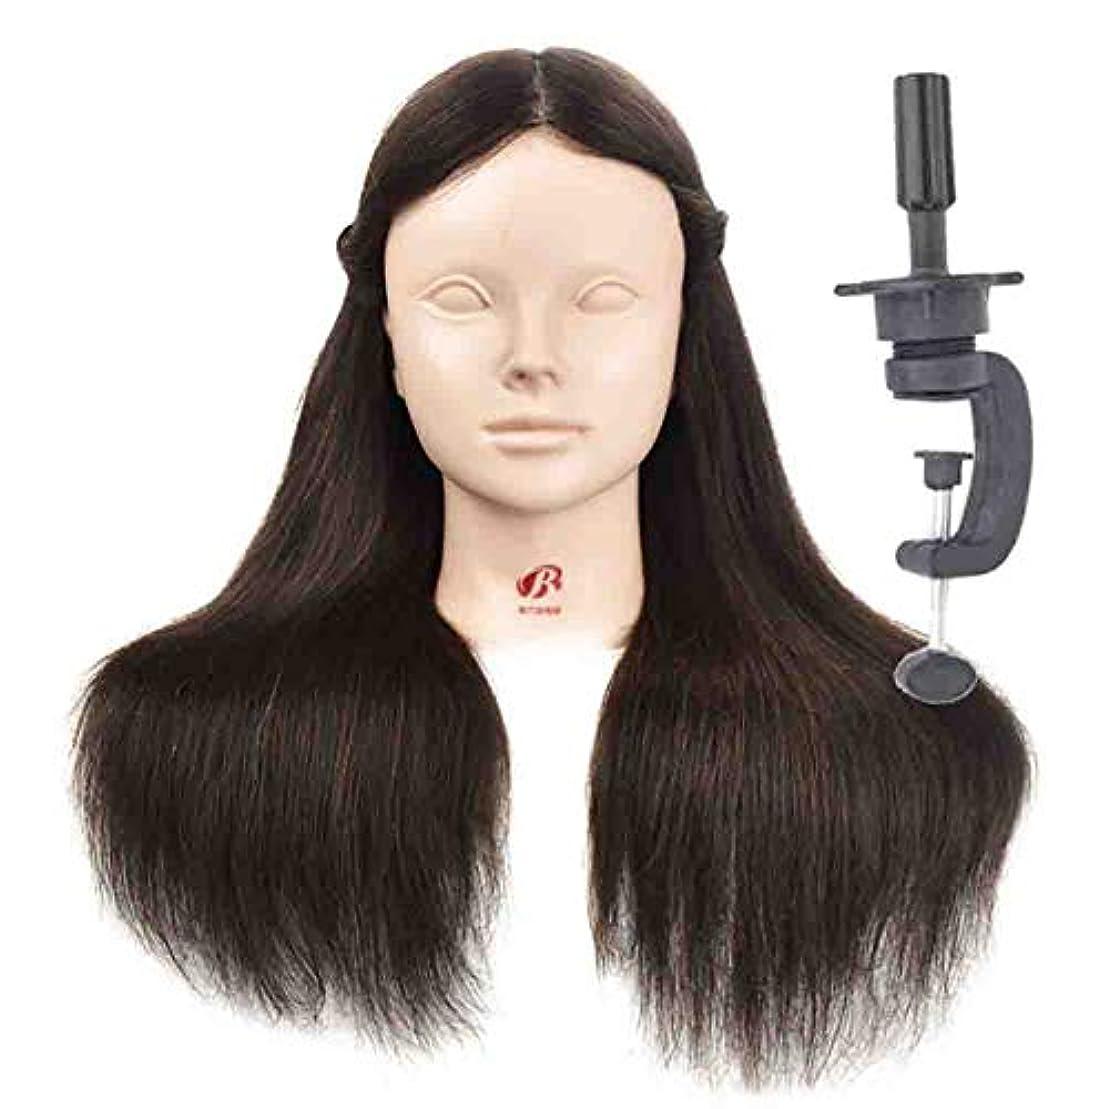 脚着替える本質的ではないMakeup Modeling Learning Dummy Head Real Human Hair Practice Head Model Hair Salon Model Head Can be Hot Dyed